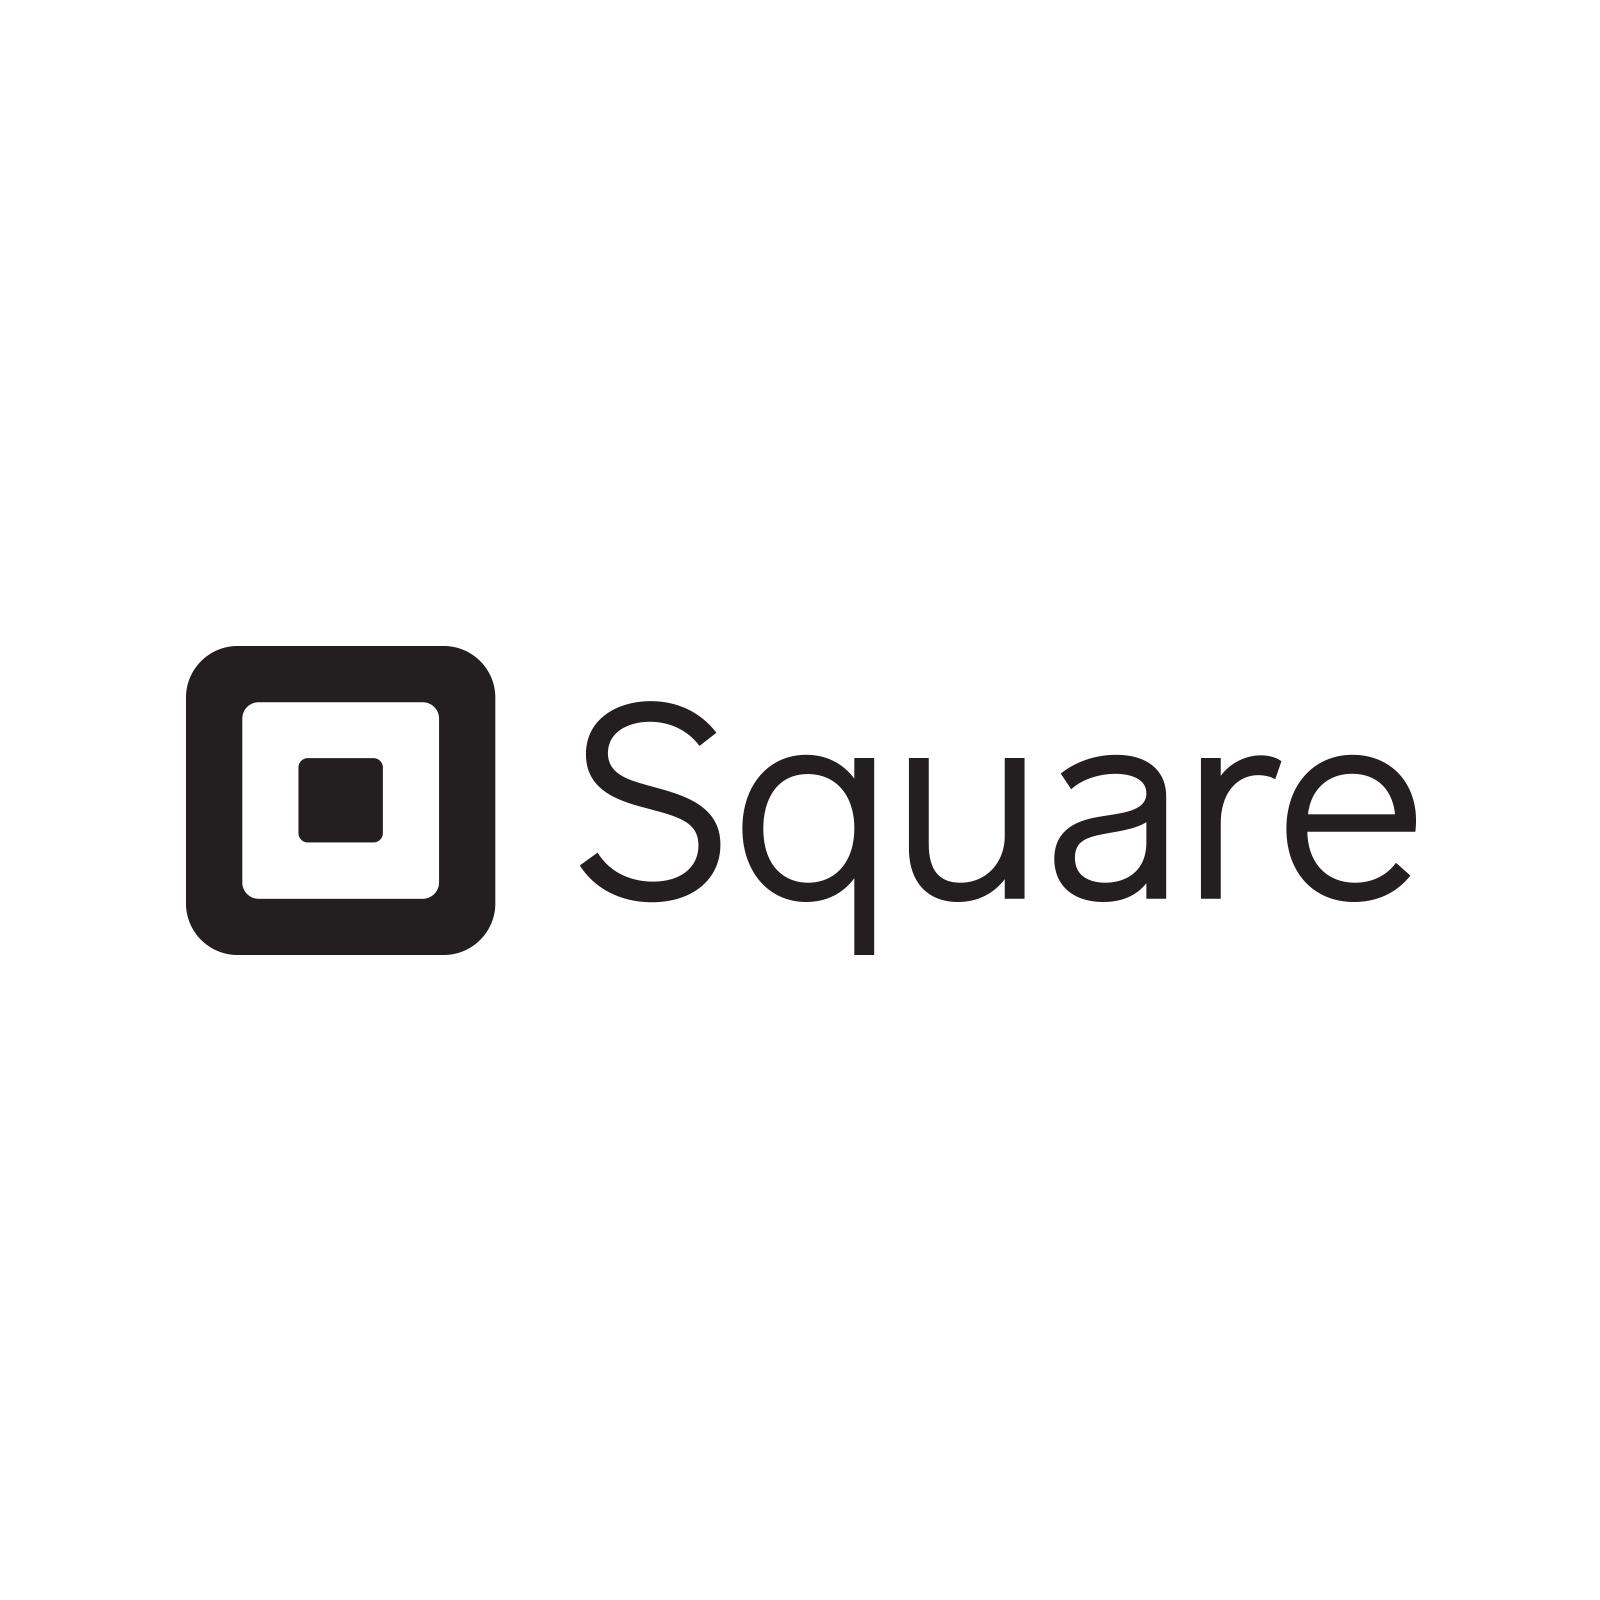 square.02-0f5142571897dfbc55fc054aba92c5e6b06da6aaaefc9c4066bb3bc10013cc93.jpg